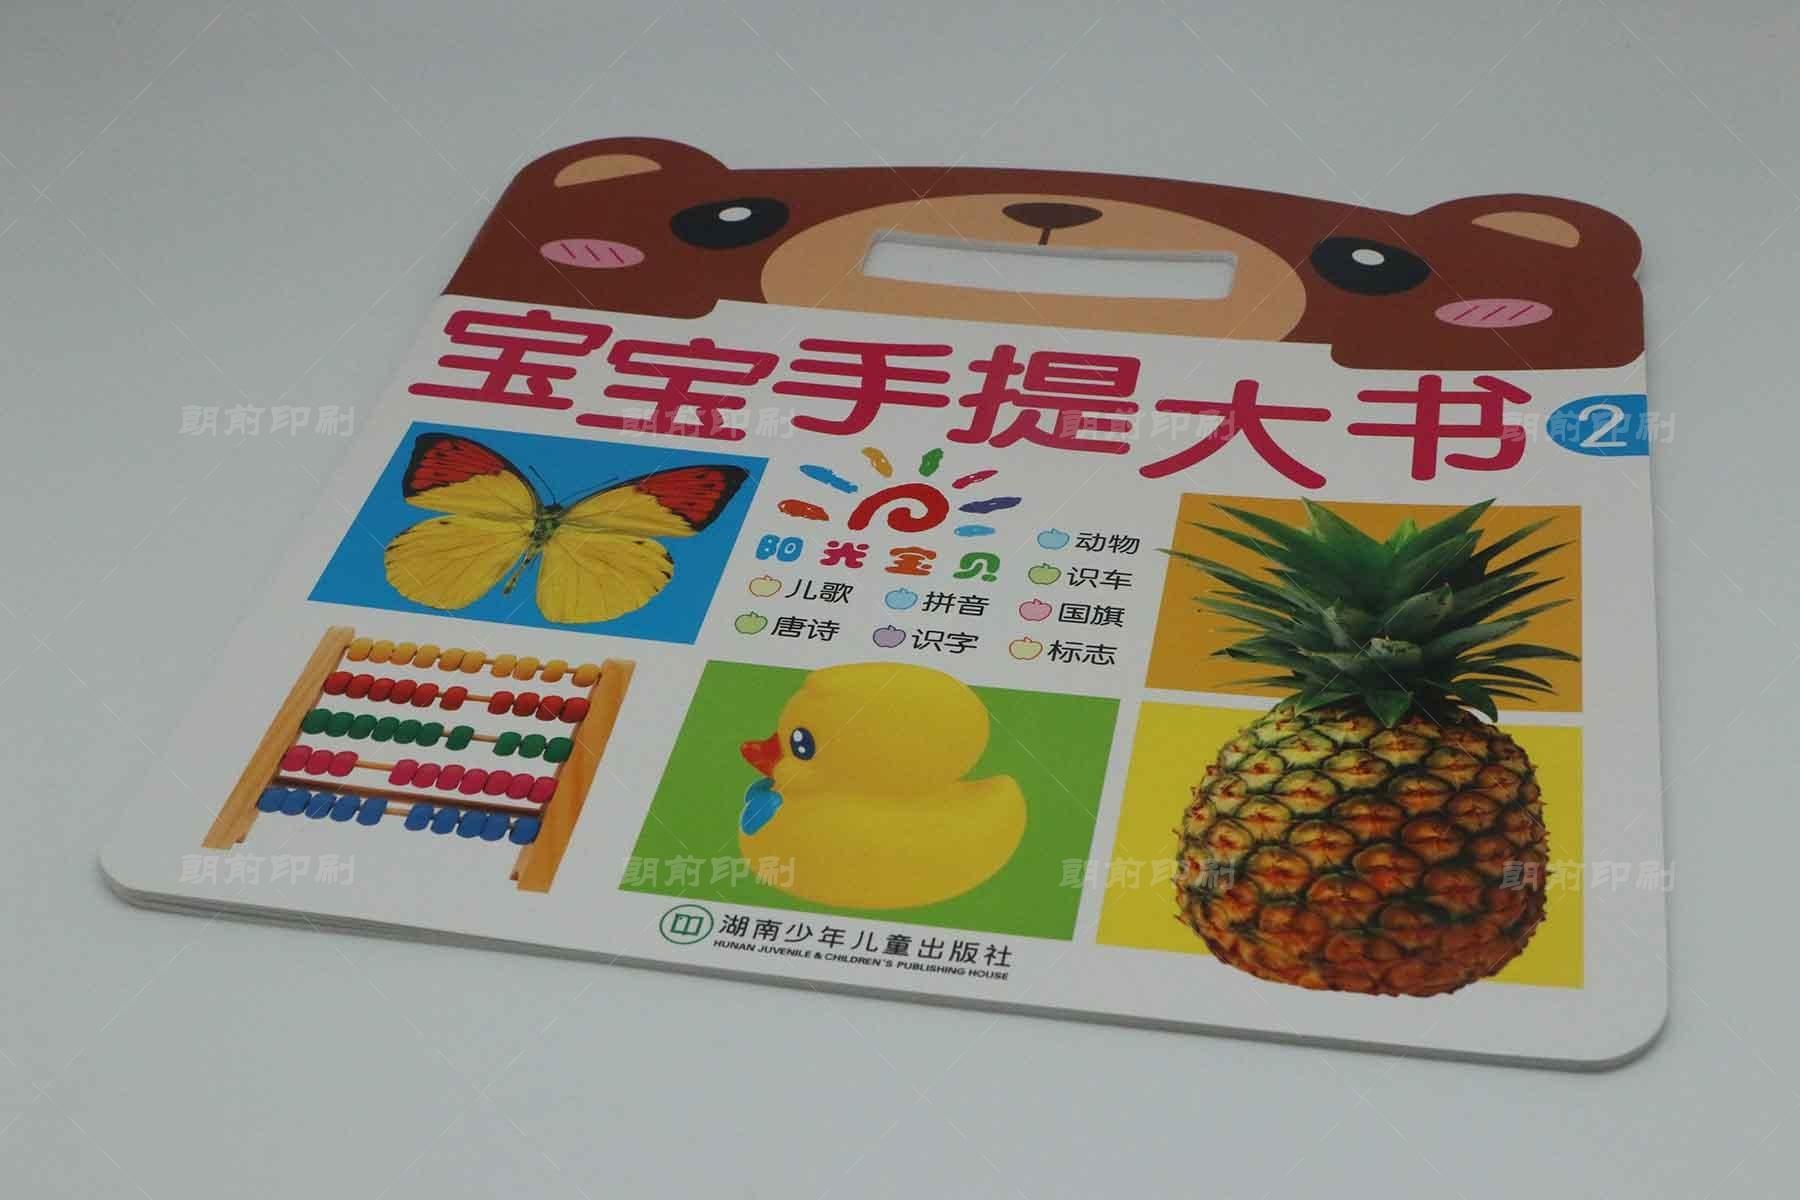 广州公司产品画册印刷设计